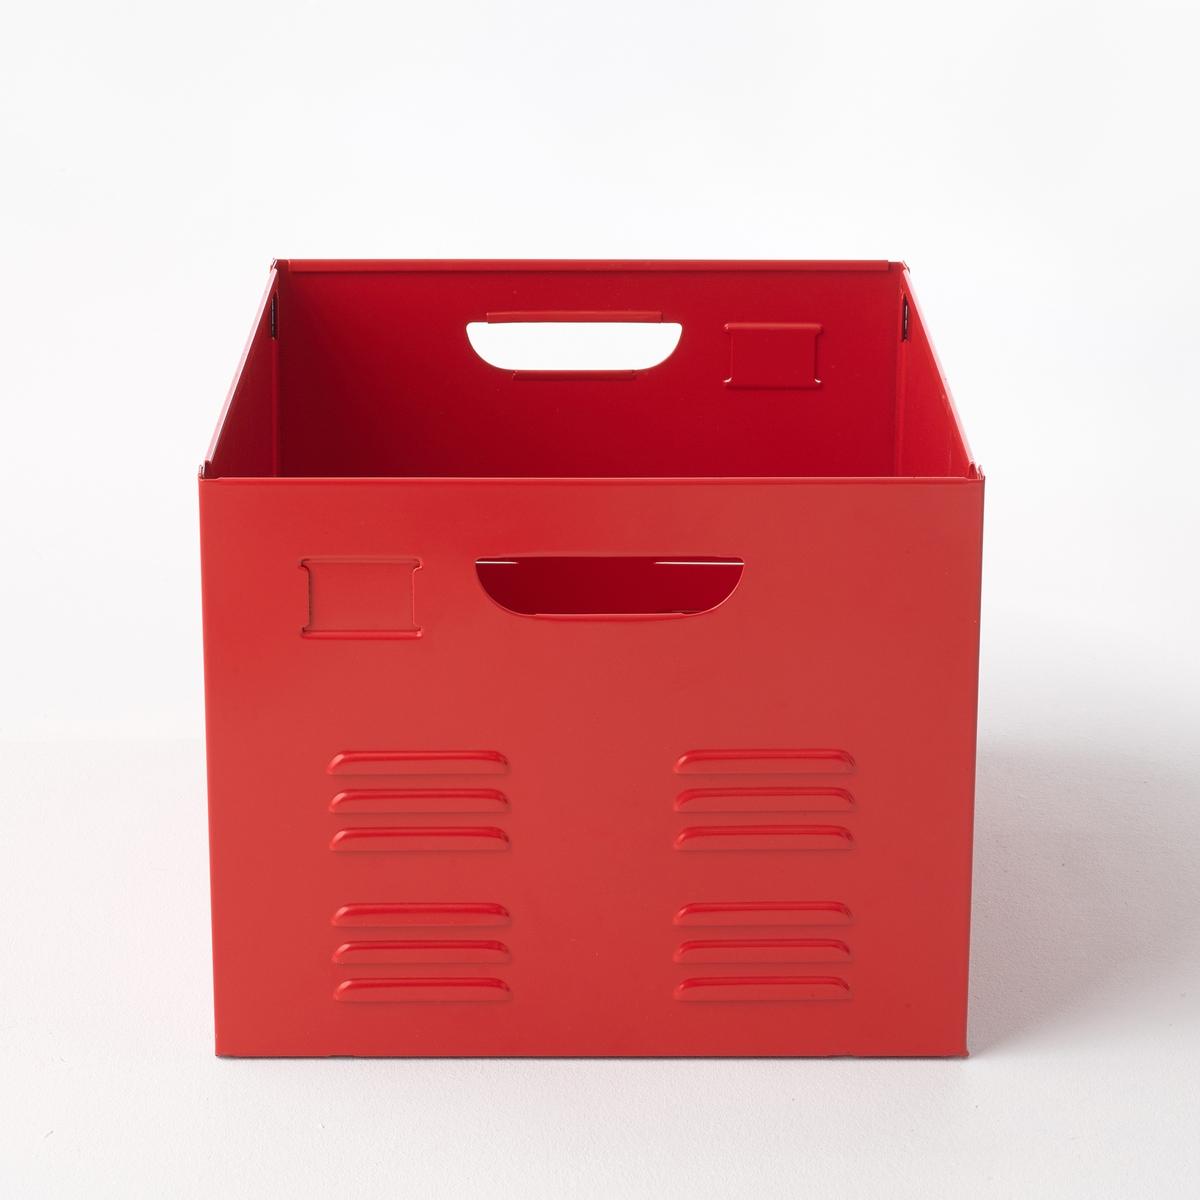 Ящик металлический HibaВся коллекция Hiba на сайте laredoute.ru. Описание ящика Hiba:2 металлические ручки.Характеристики ящика Hiba:Металл, лакированное покрытие.Размеры ящика Hiba:Общие:Длина 37,5 см.Ширина 46,6 см.Высота 30,2 см. Размеры и вес упаковки:1 упаковка. 54 x 45 x 12 см. 6,8 кг.Металлический ящик Hiba продается в разобранном виде.<br><br>Цвет: красный,розовый,серый,черный